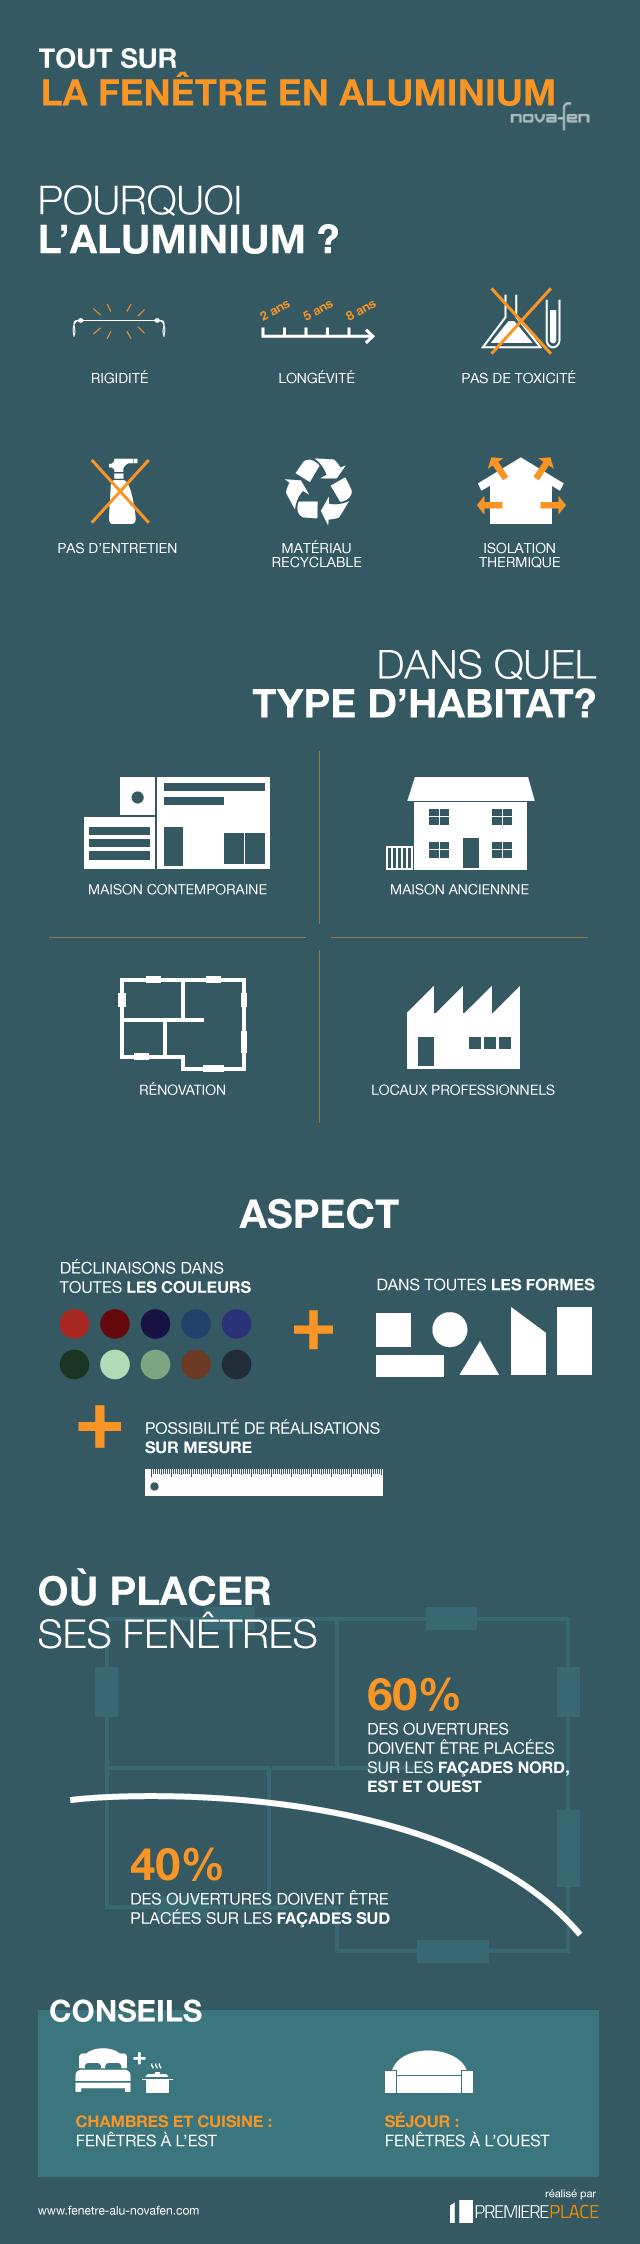 infographie aluminium fenetre